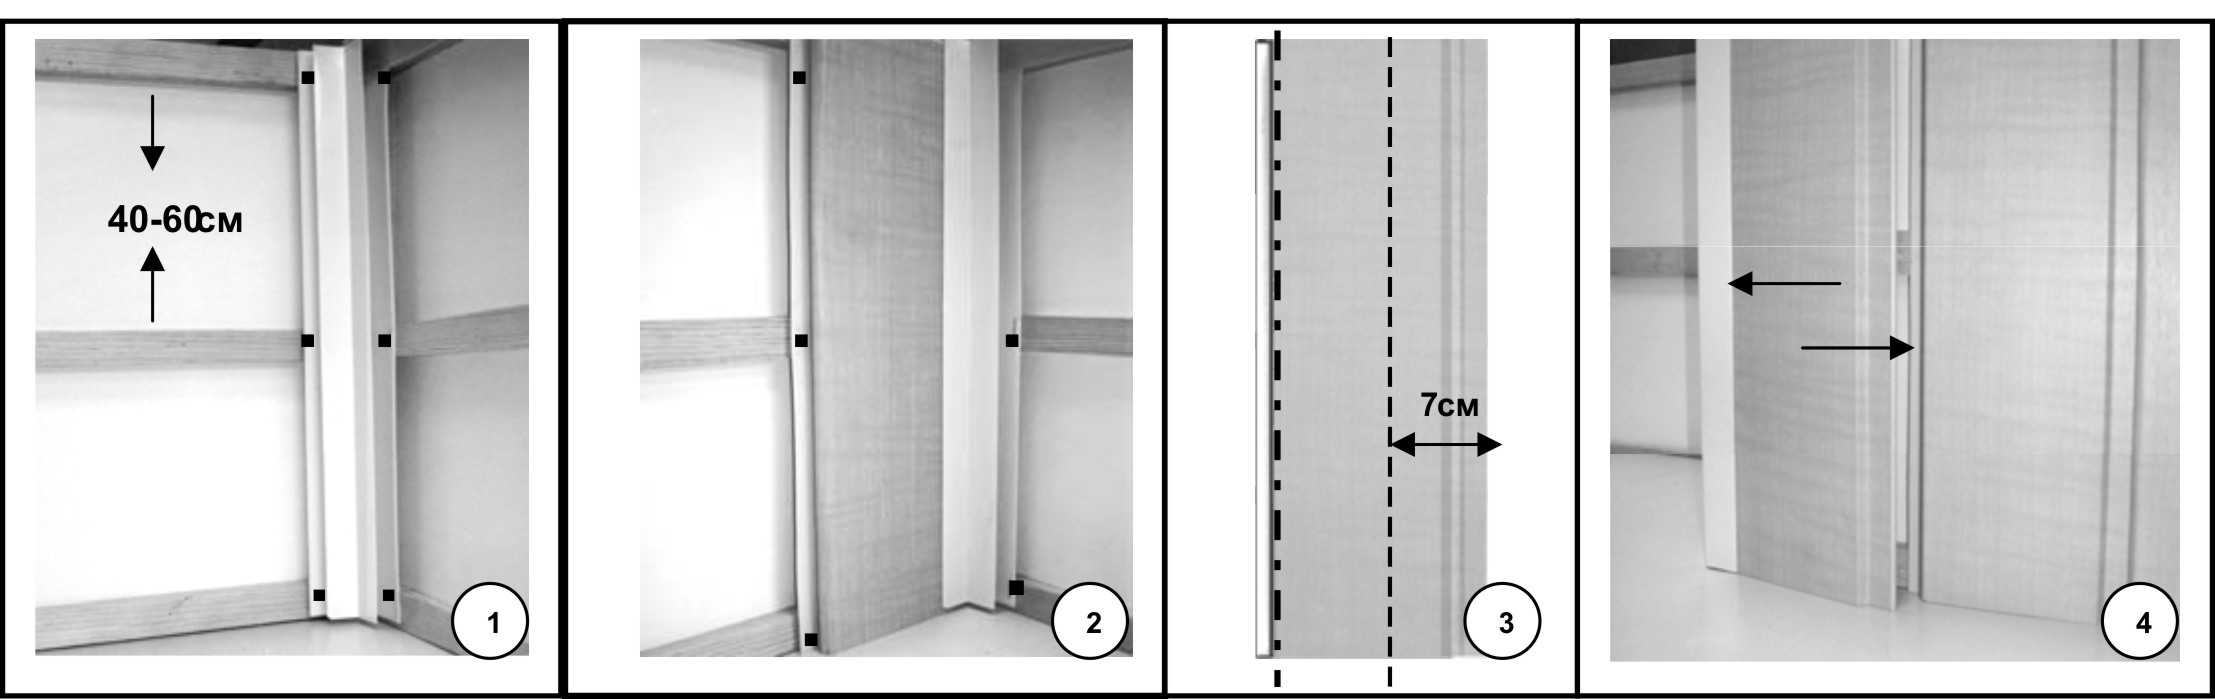 Инструкции монтажа пластиковых панелей